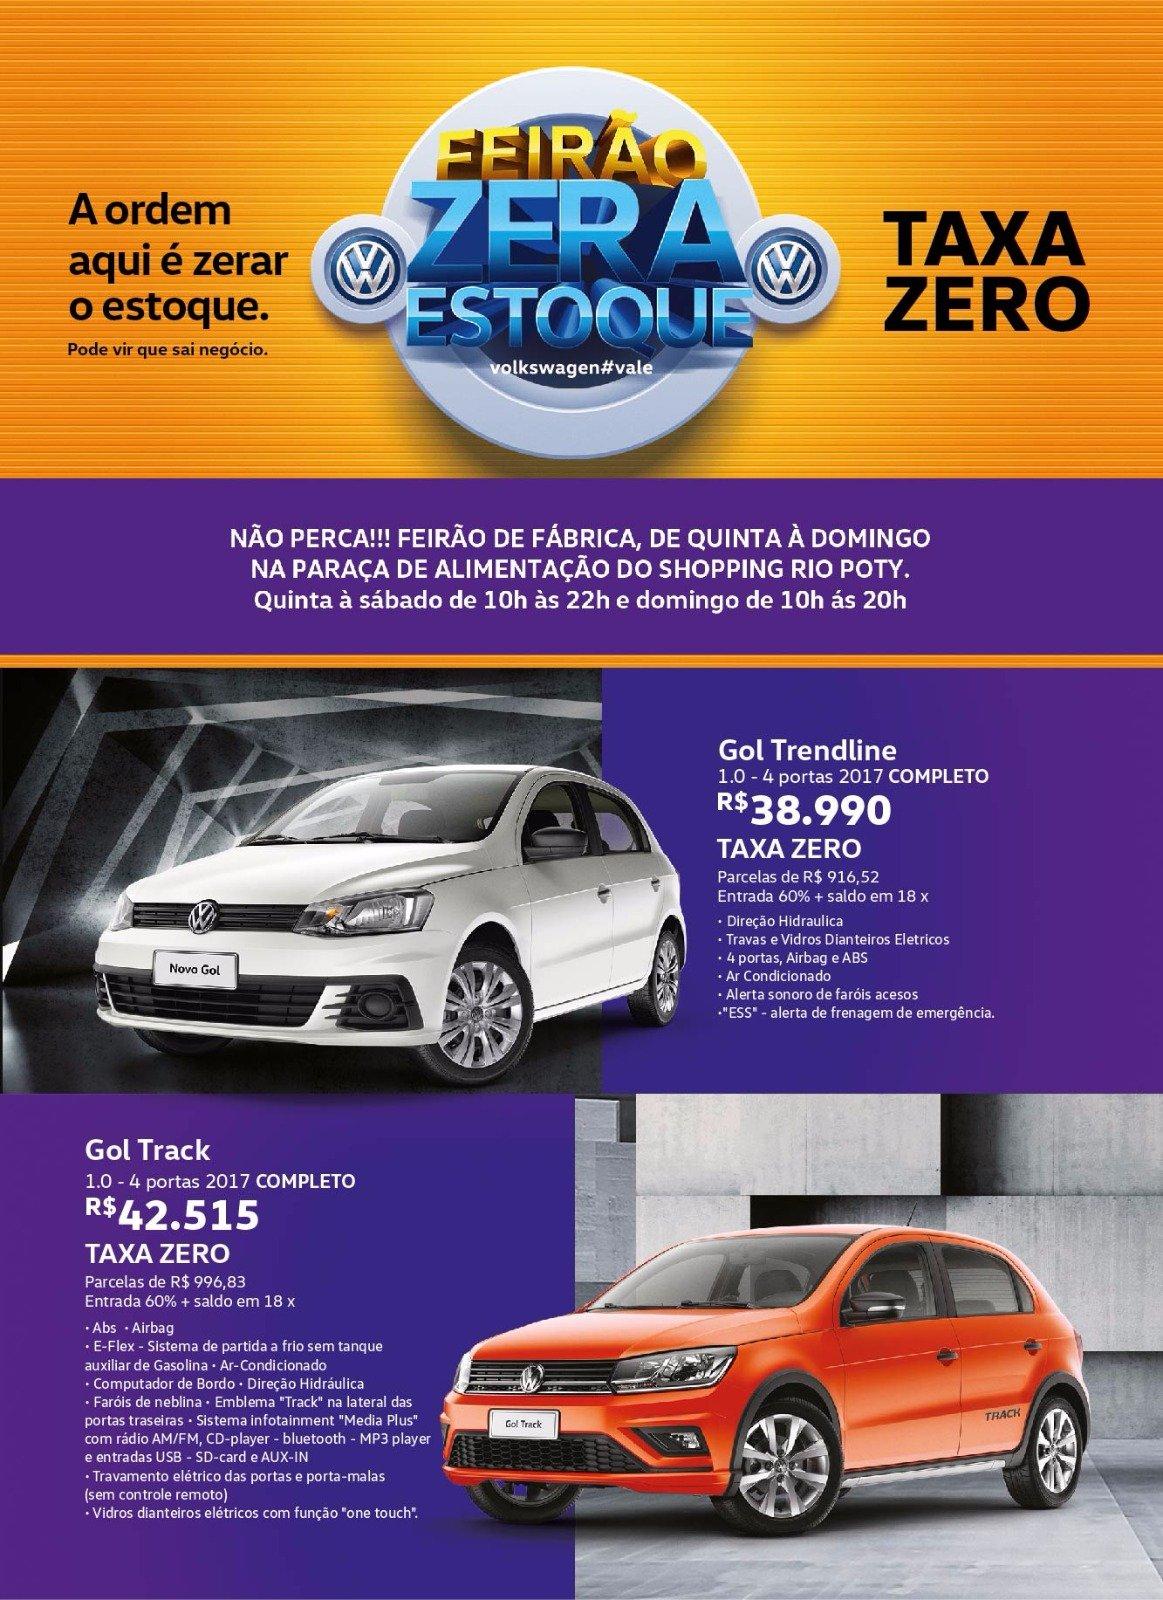 Feirão de Fábrica Volkswagen: só até domingo, operação Zera Estoque no Shopping Rio Poty